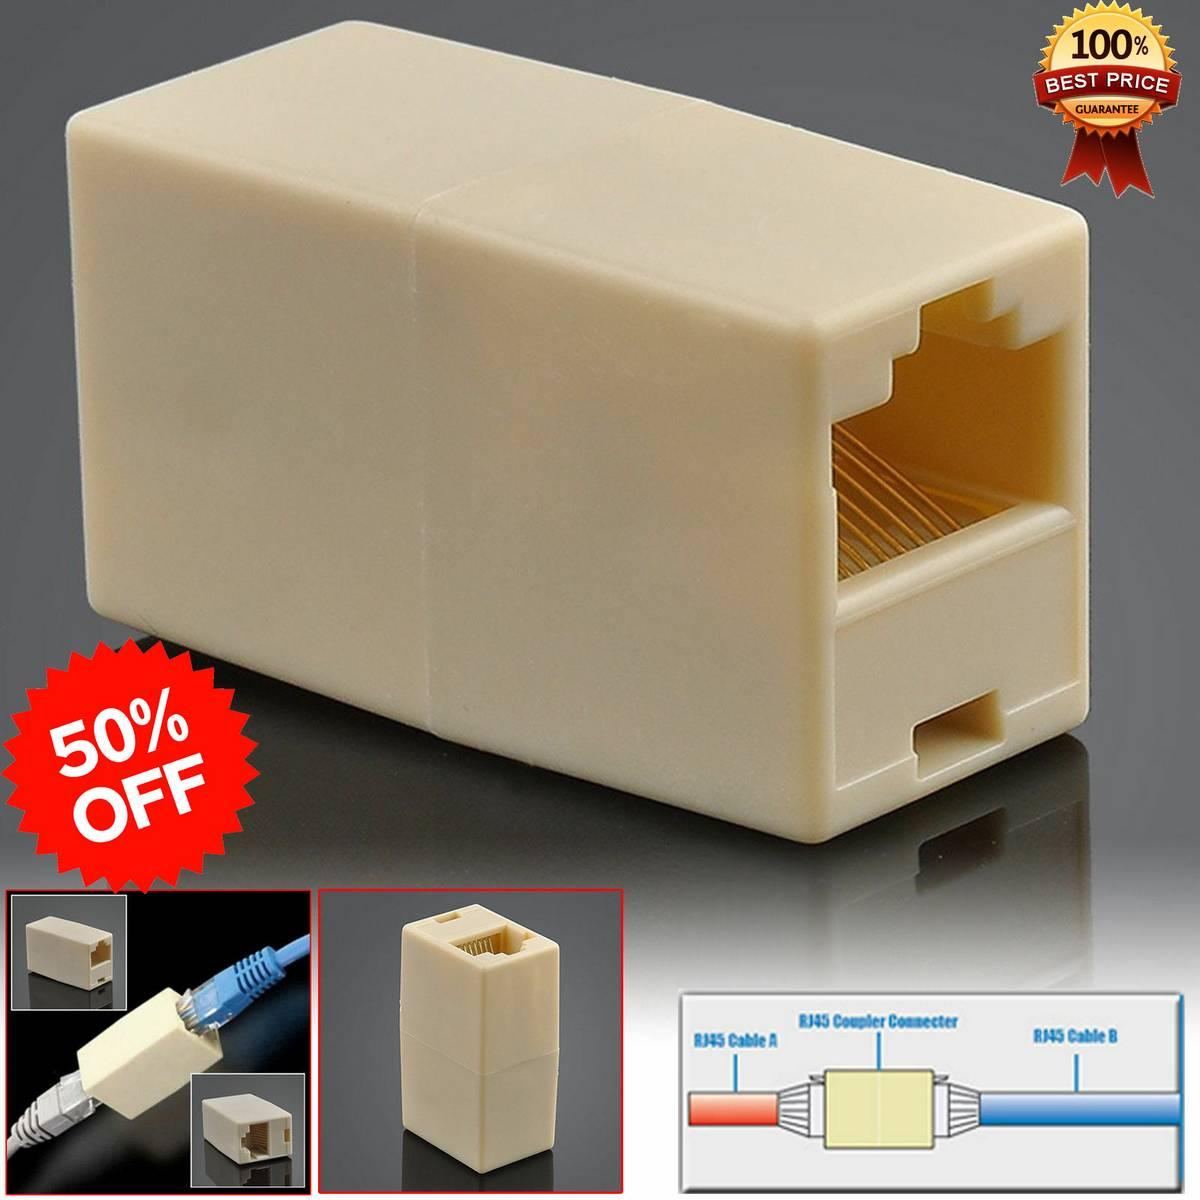 2X RJ45 Ethernet LAN Network Cables Joiner Coupler Socket Connector Extender